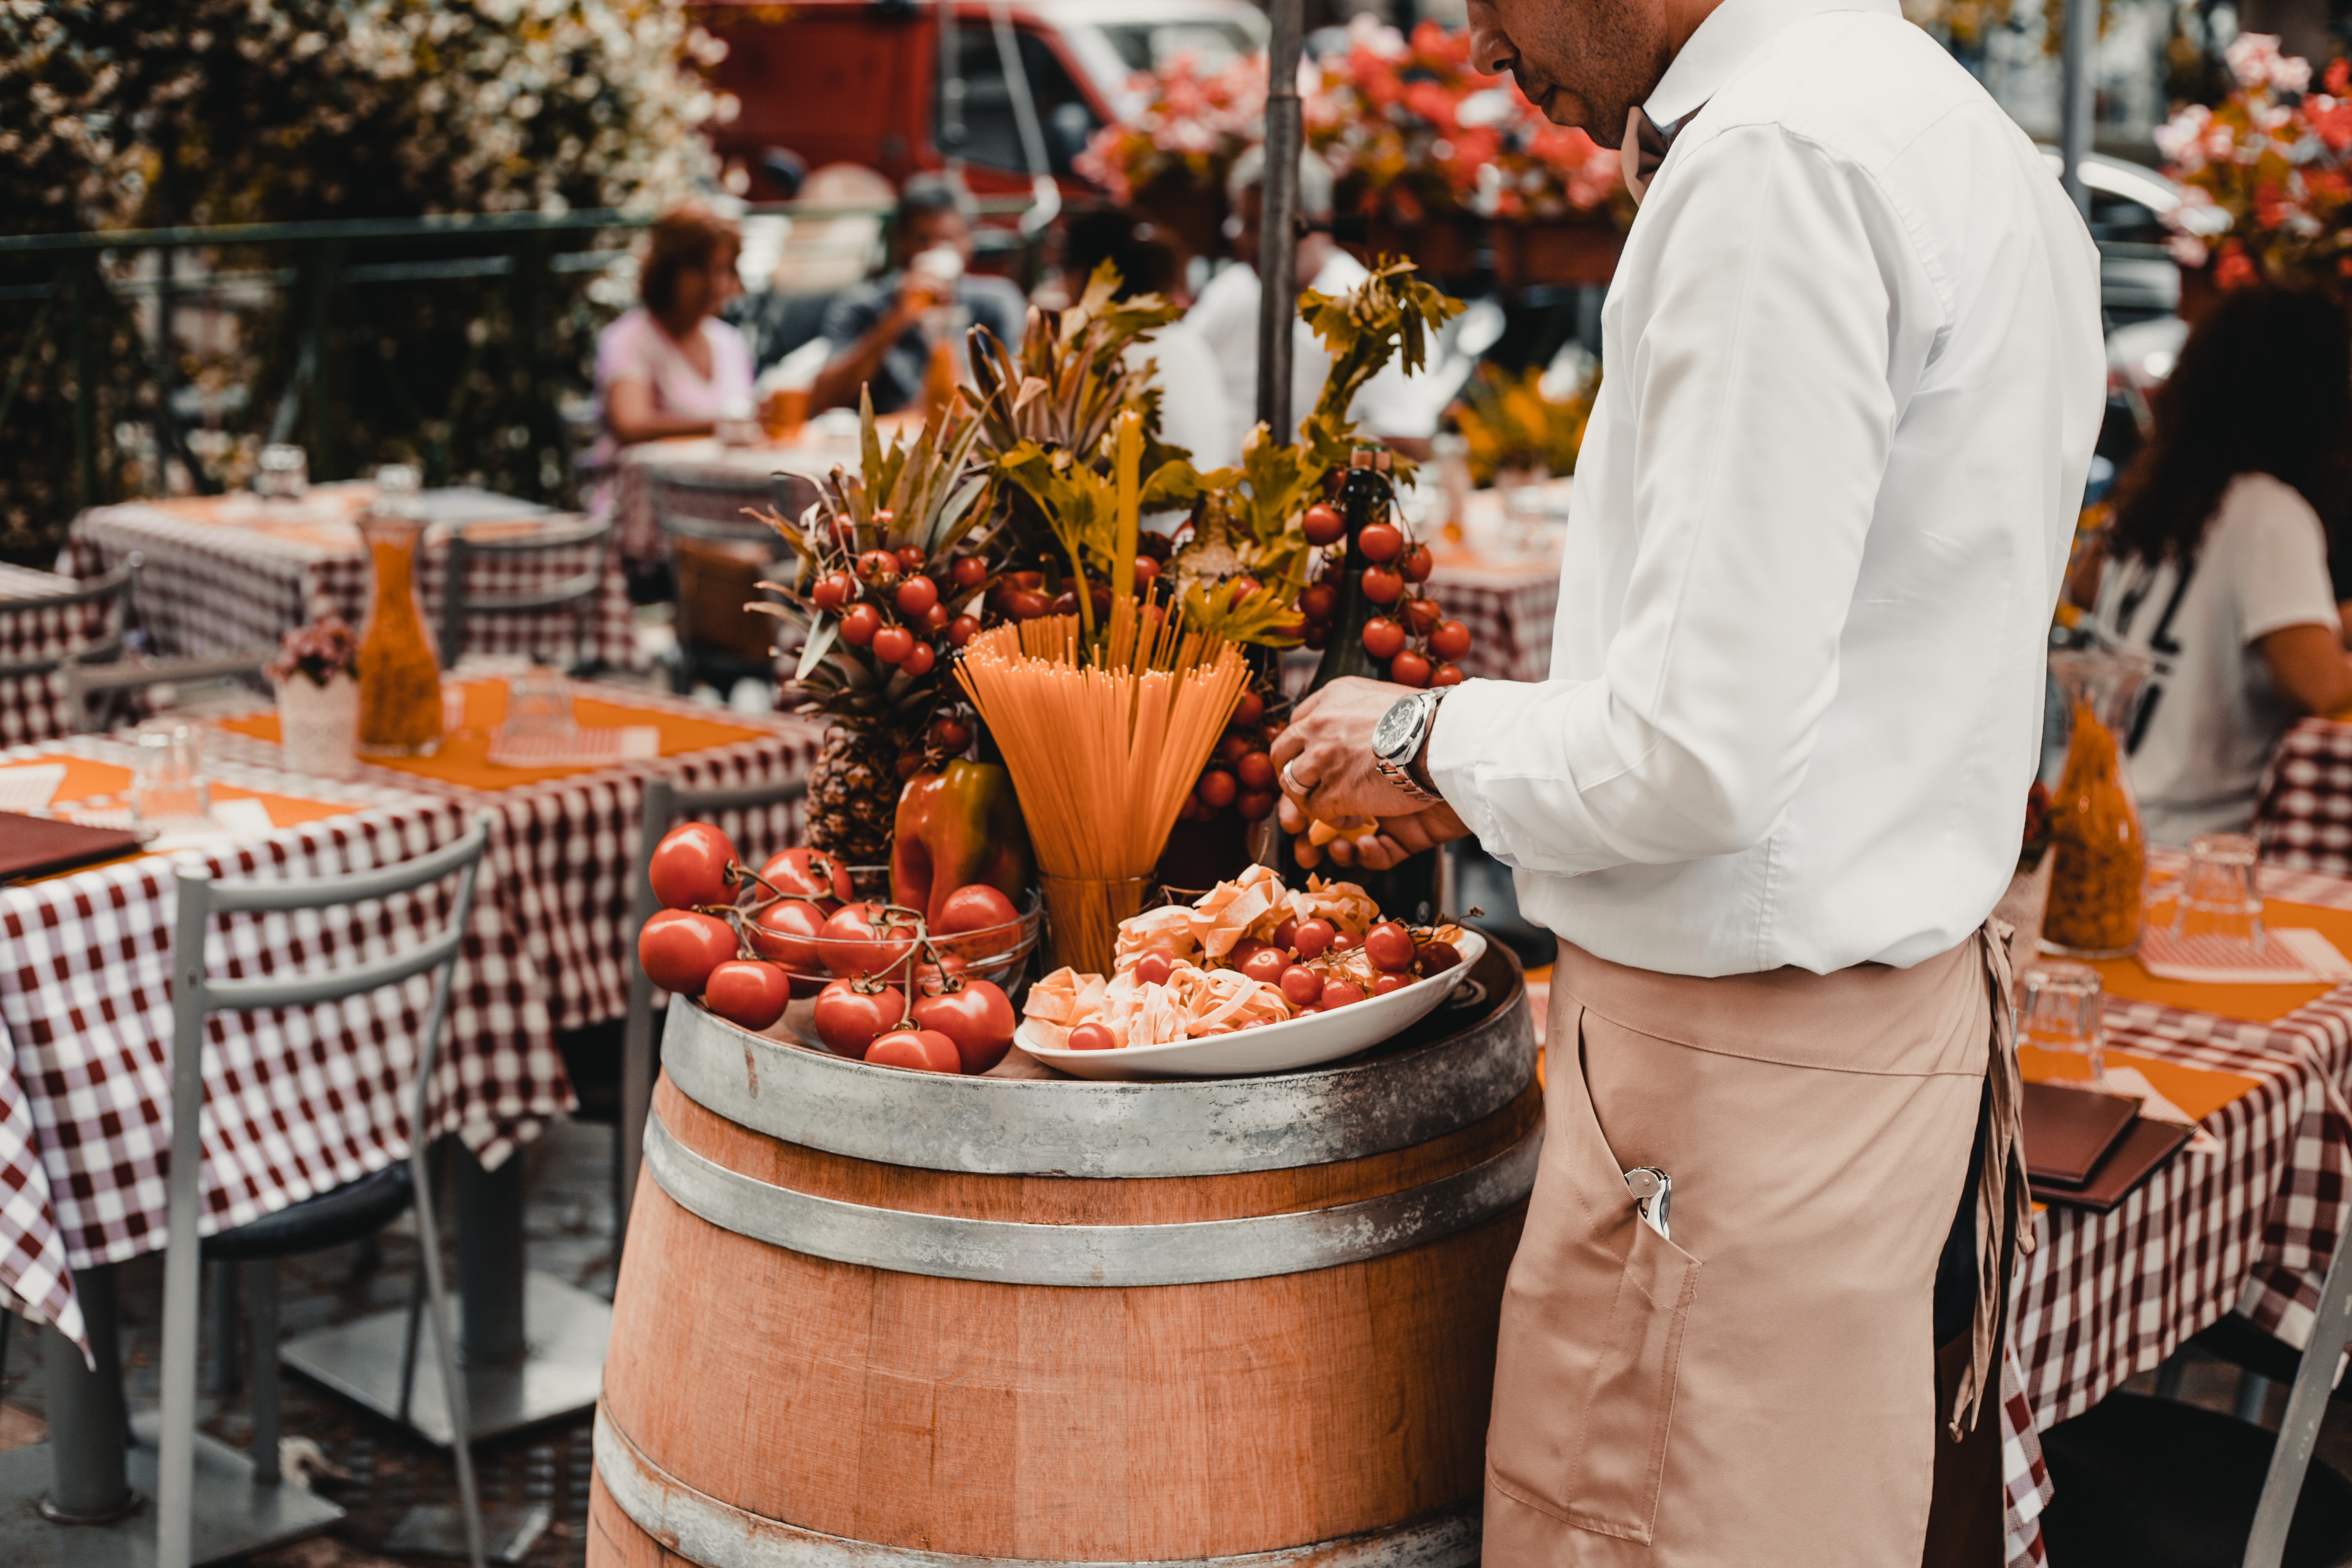 imagem da O que podemos aprender com Bolonha sobre Customer Experience em Restaurantes?